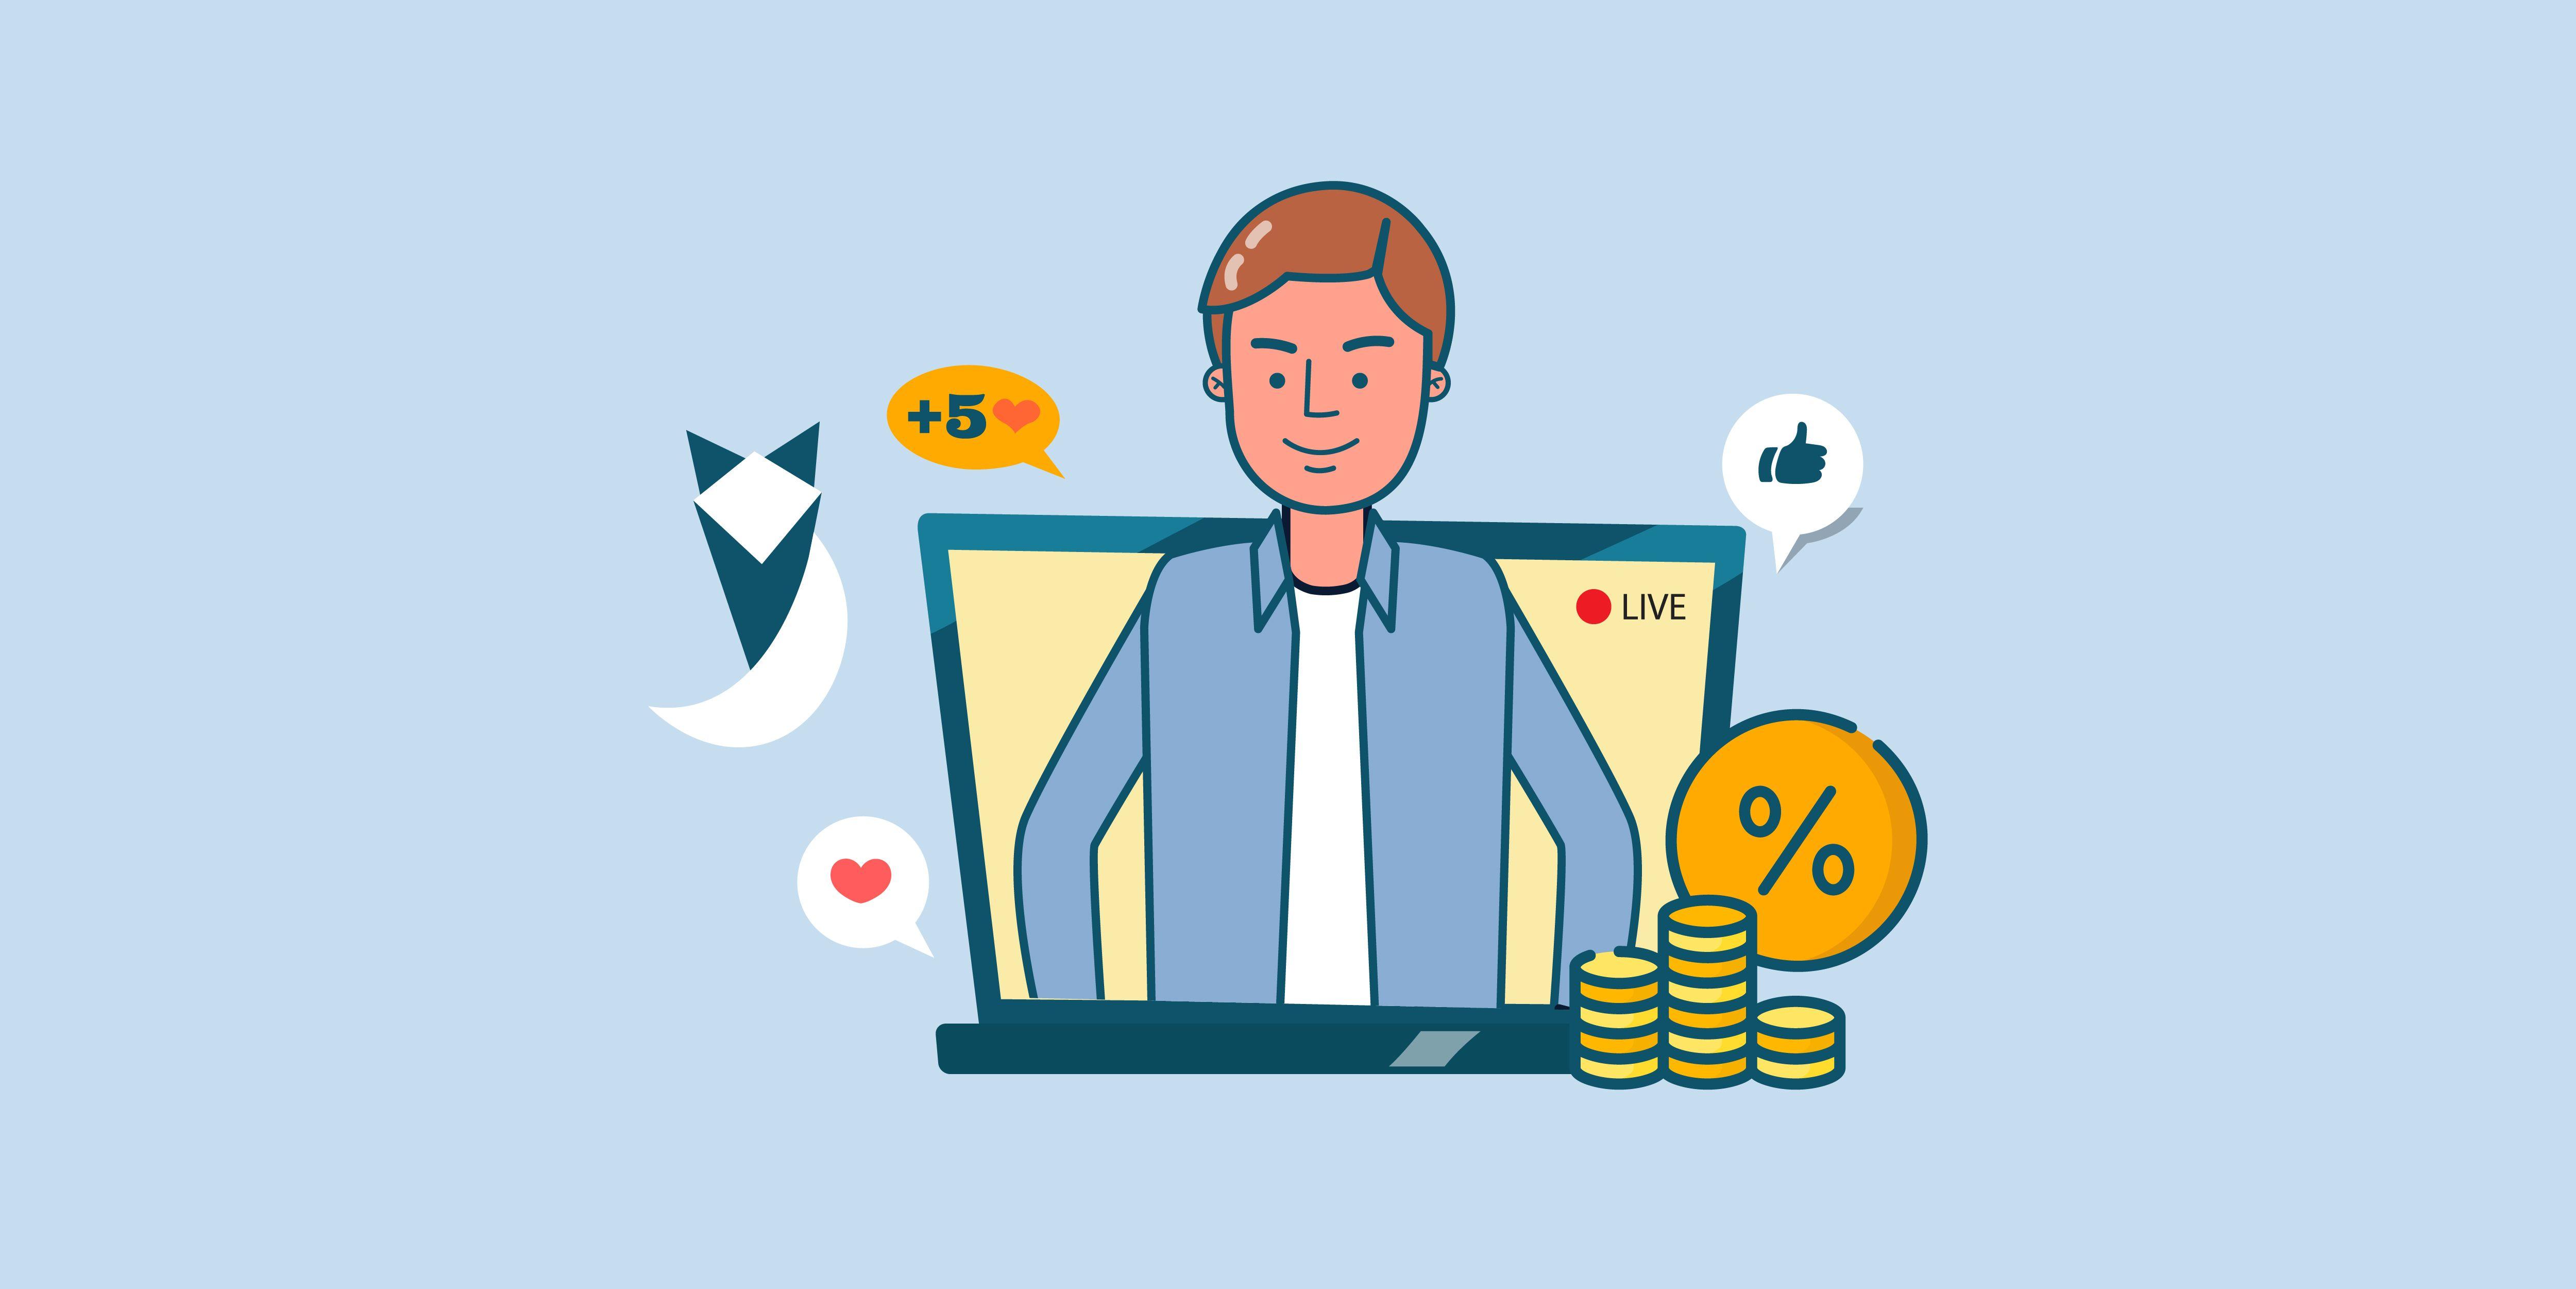 ممكن ضريبة البلوجرز واليوتيوبرز تحسن من مستوى المحتوى؟